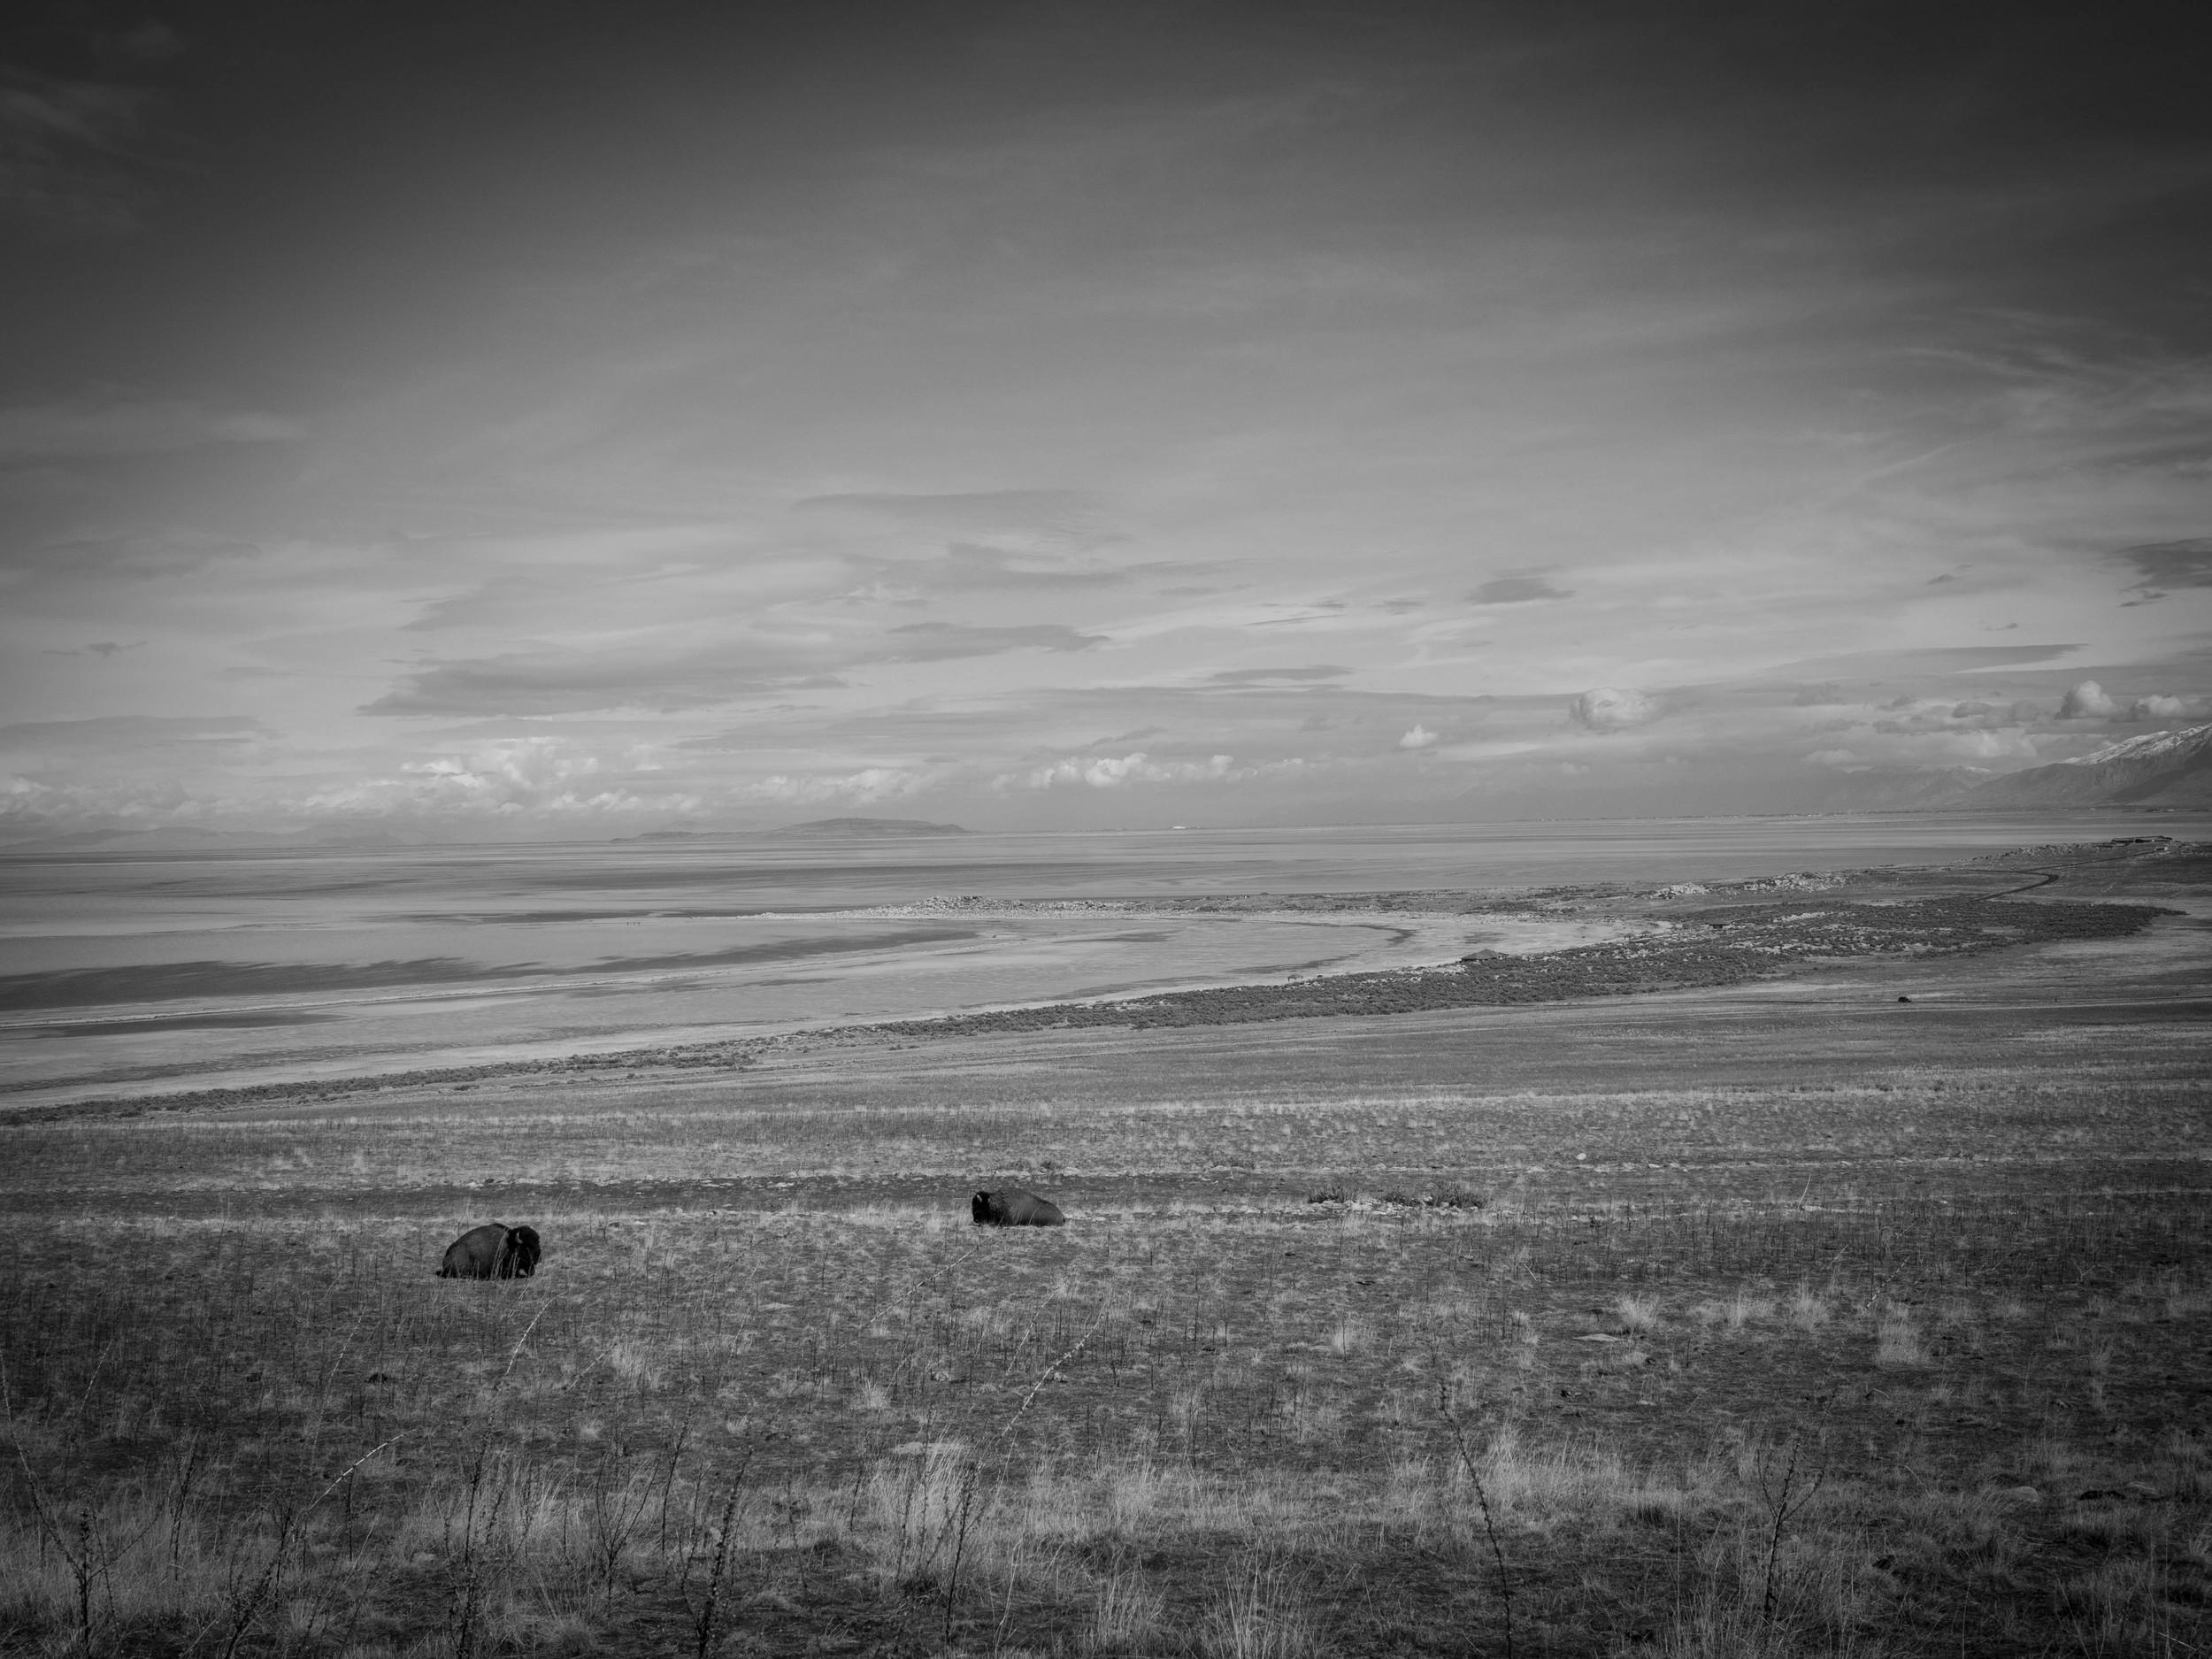 AntelopeIsland5.jpg